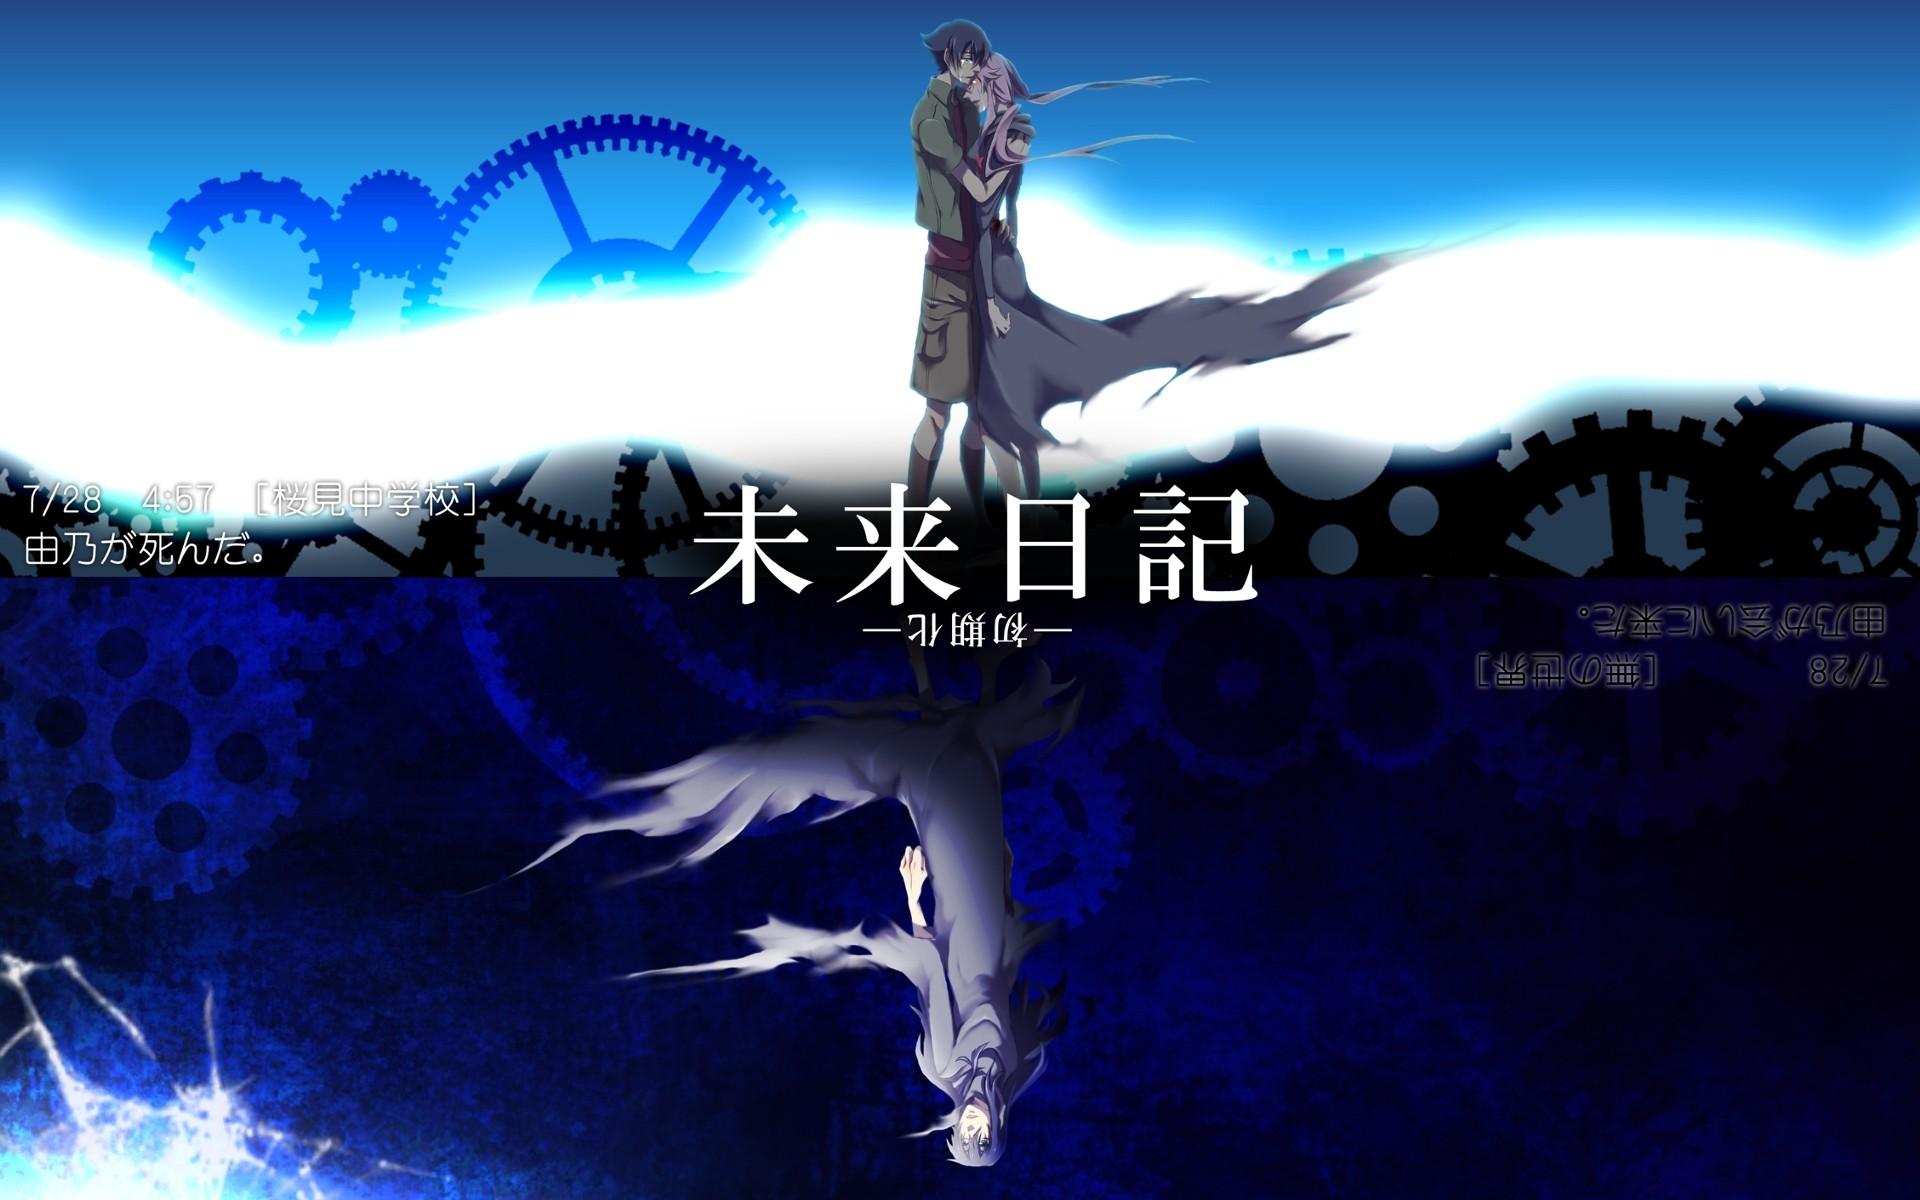 Future Diary Wallpapers Yuno: Future Diary Gasai Yuno Amano Yukiteru Wallpaper